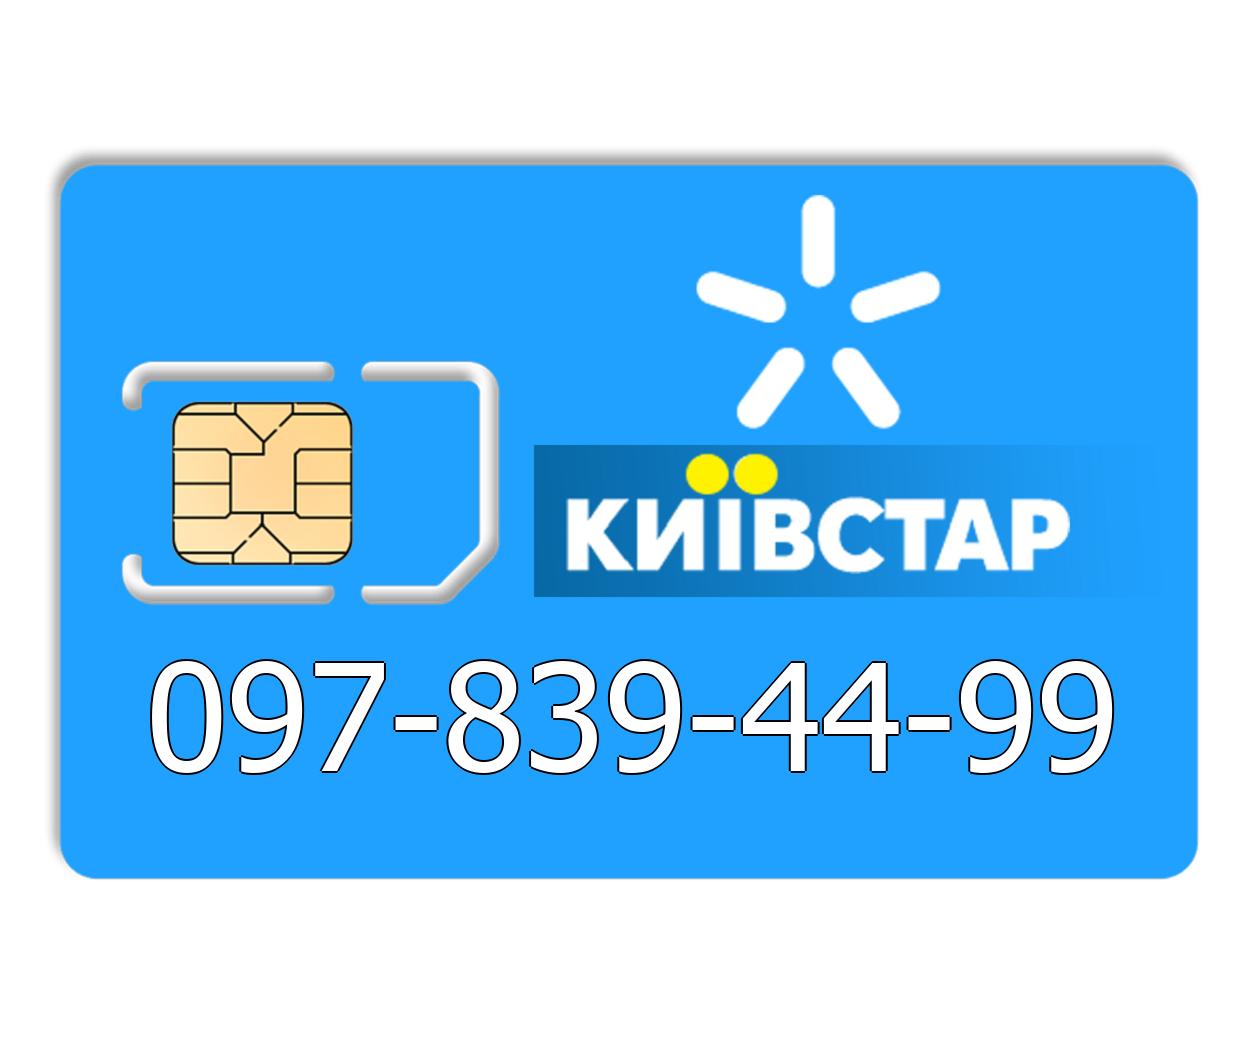 Красивый номер Киевстар 097-839-44-99